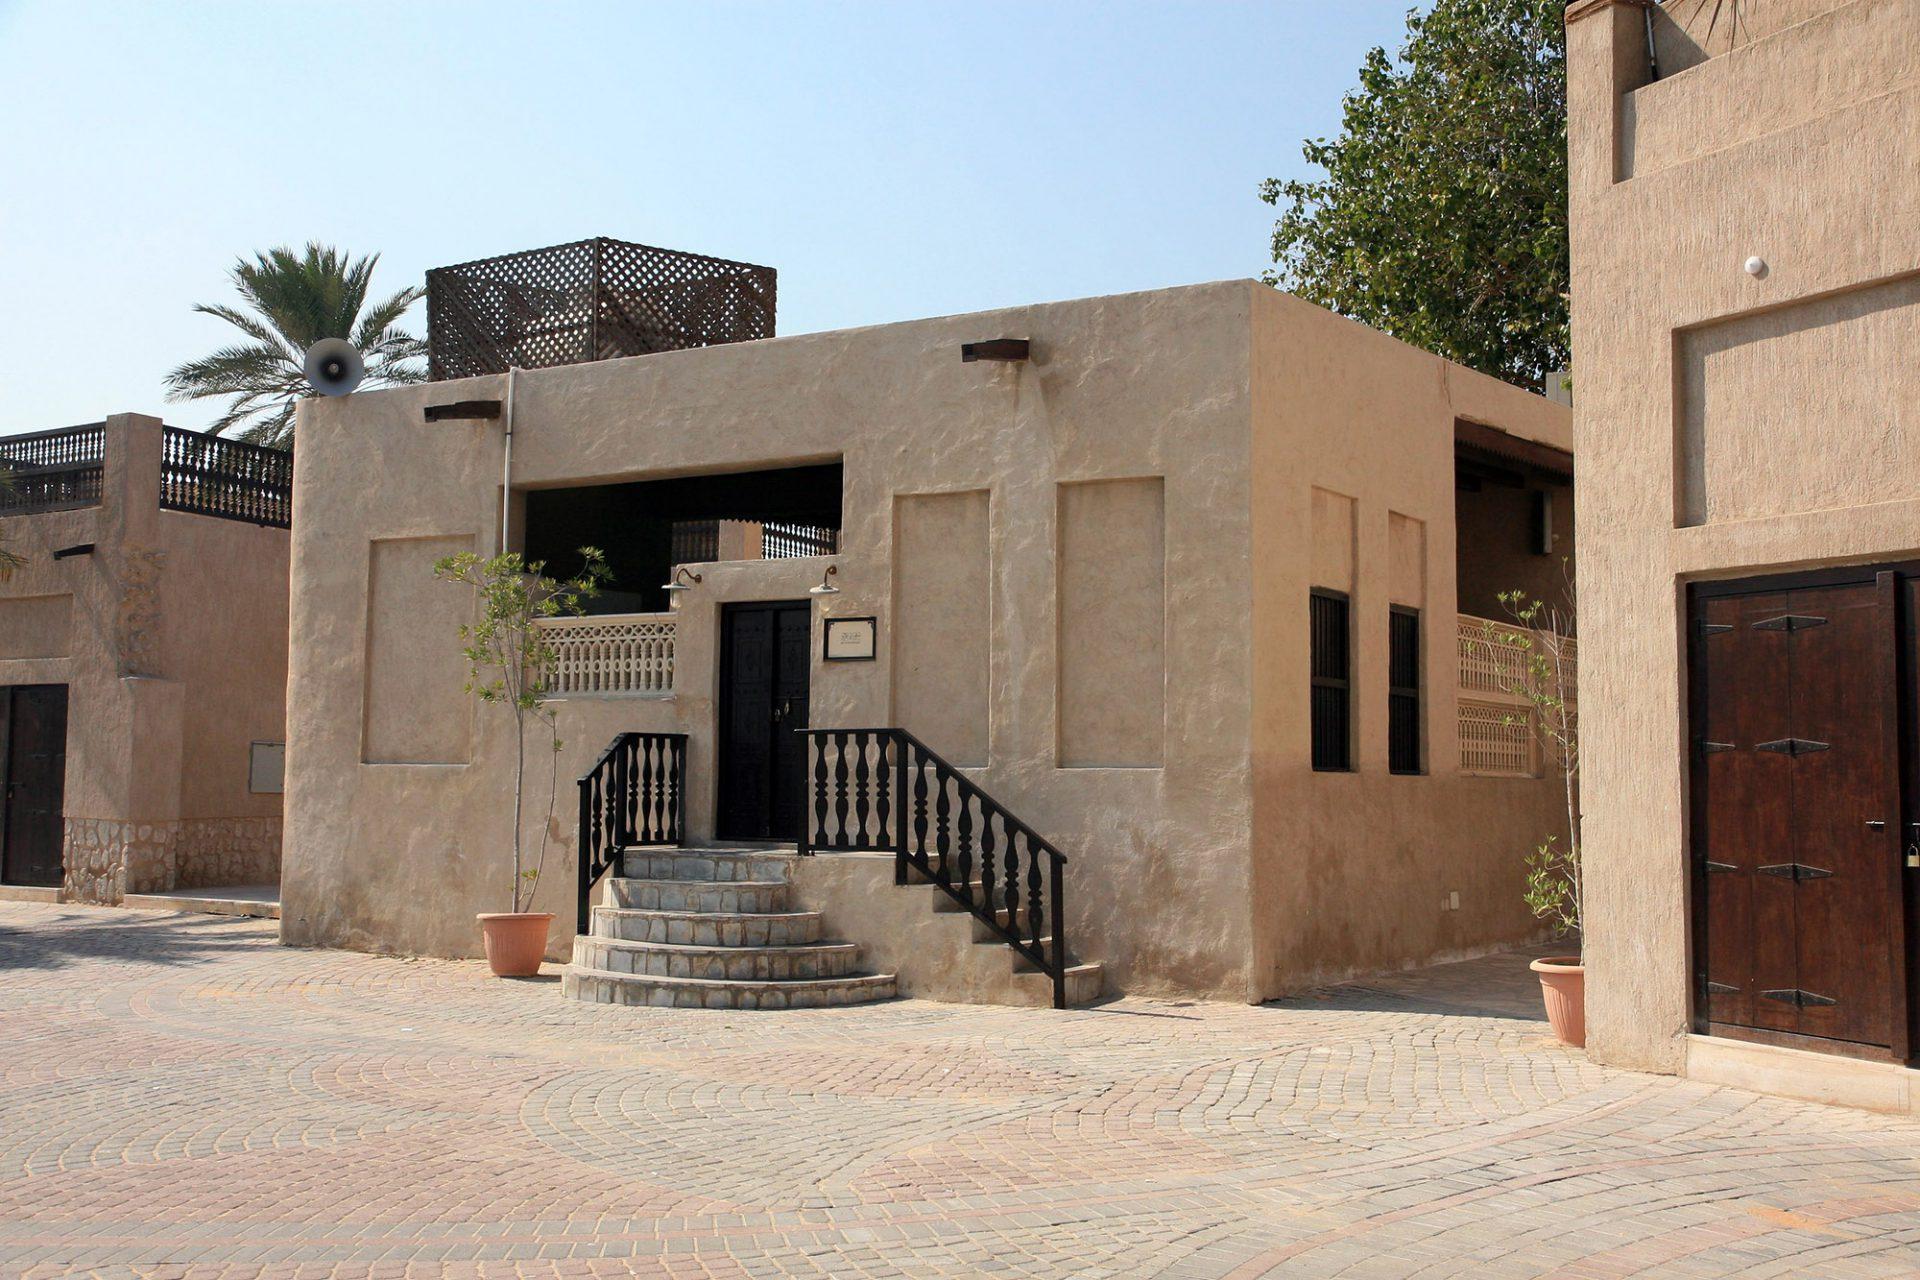 Bin Zayed Mosque. Die erste Moschee in Al Shindagah wurde 1964 auf nur 125 Quadratmetern errichtet.